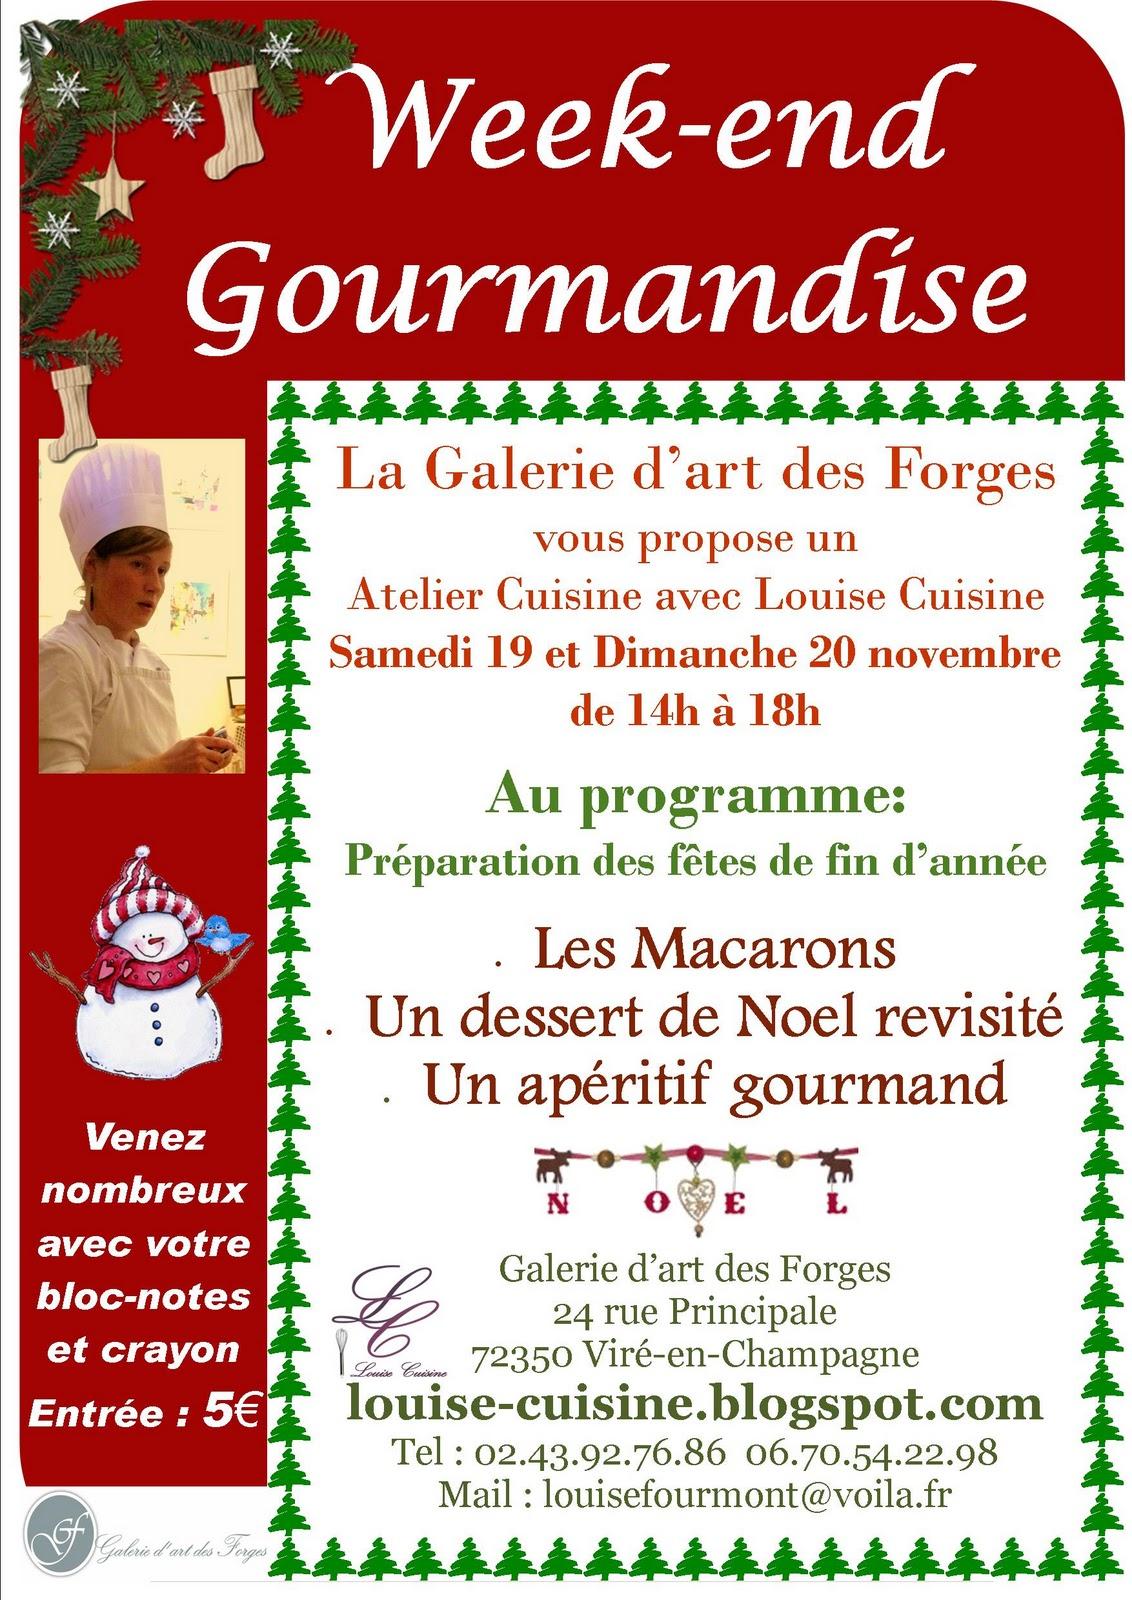 Louise cuisine week end gourmandise 19 et 20 novembre - Week end cours de cuisine ...